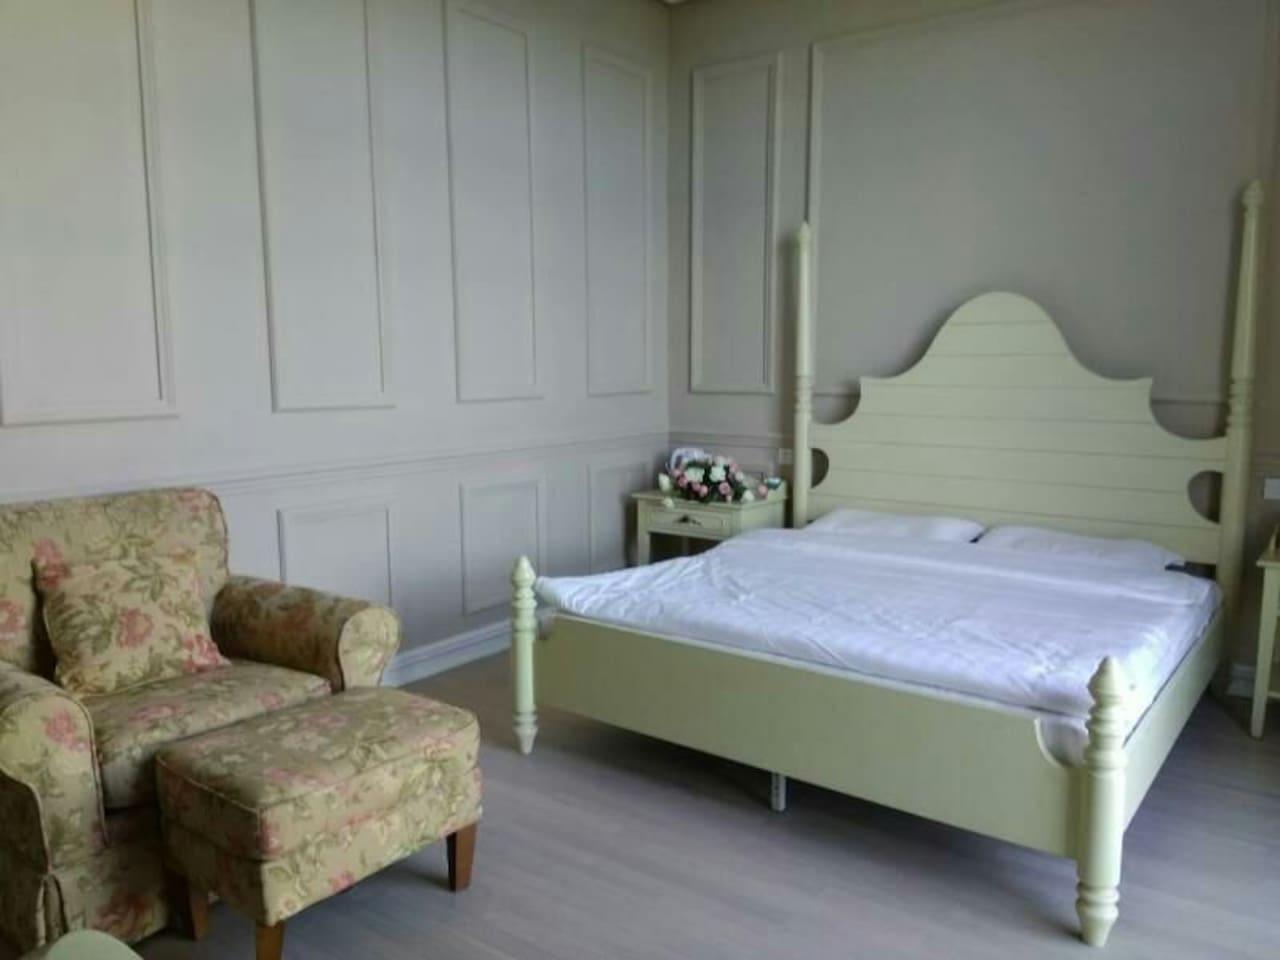 舒适温馨的大床房,还有慵懒的沙发。简单又不简约,安静中透着华丽。